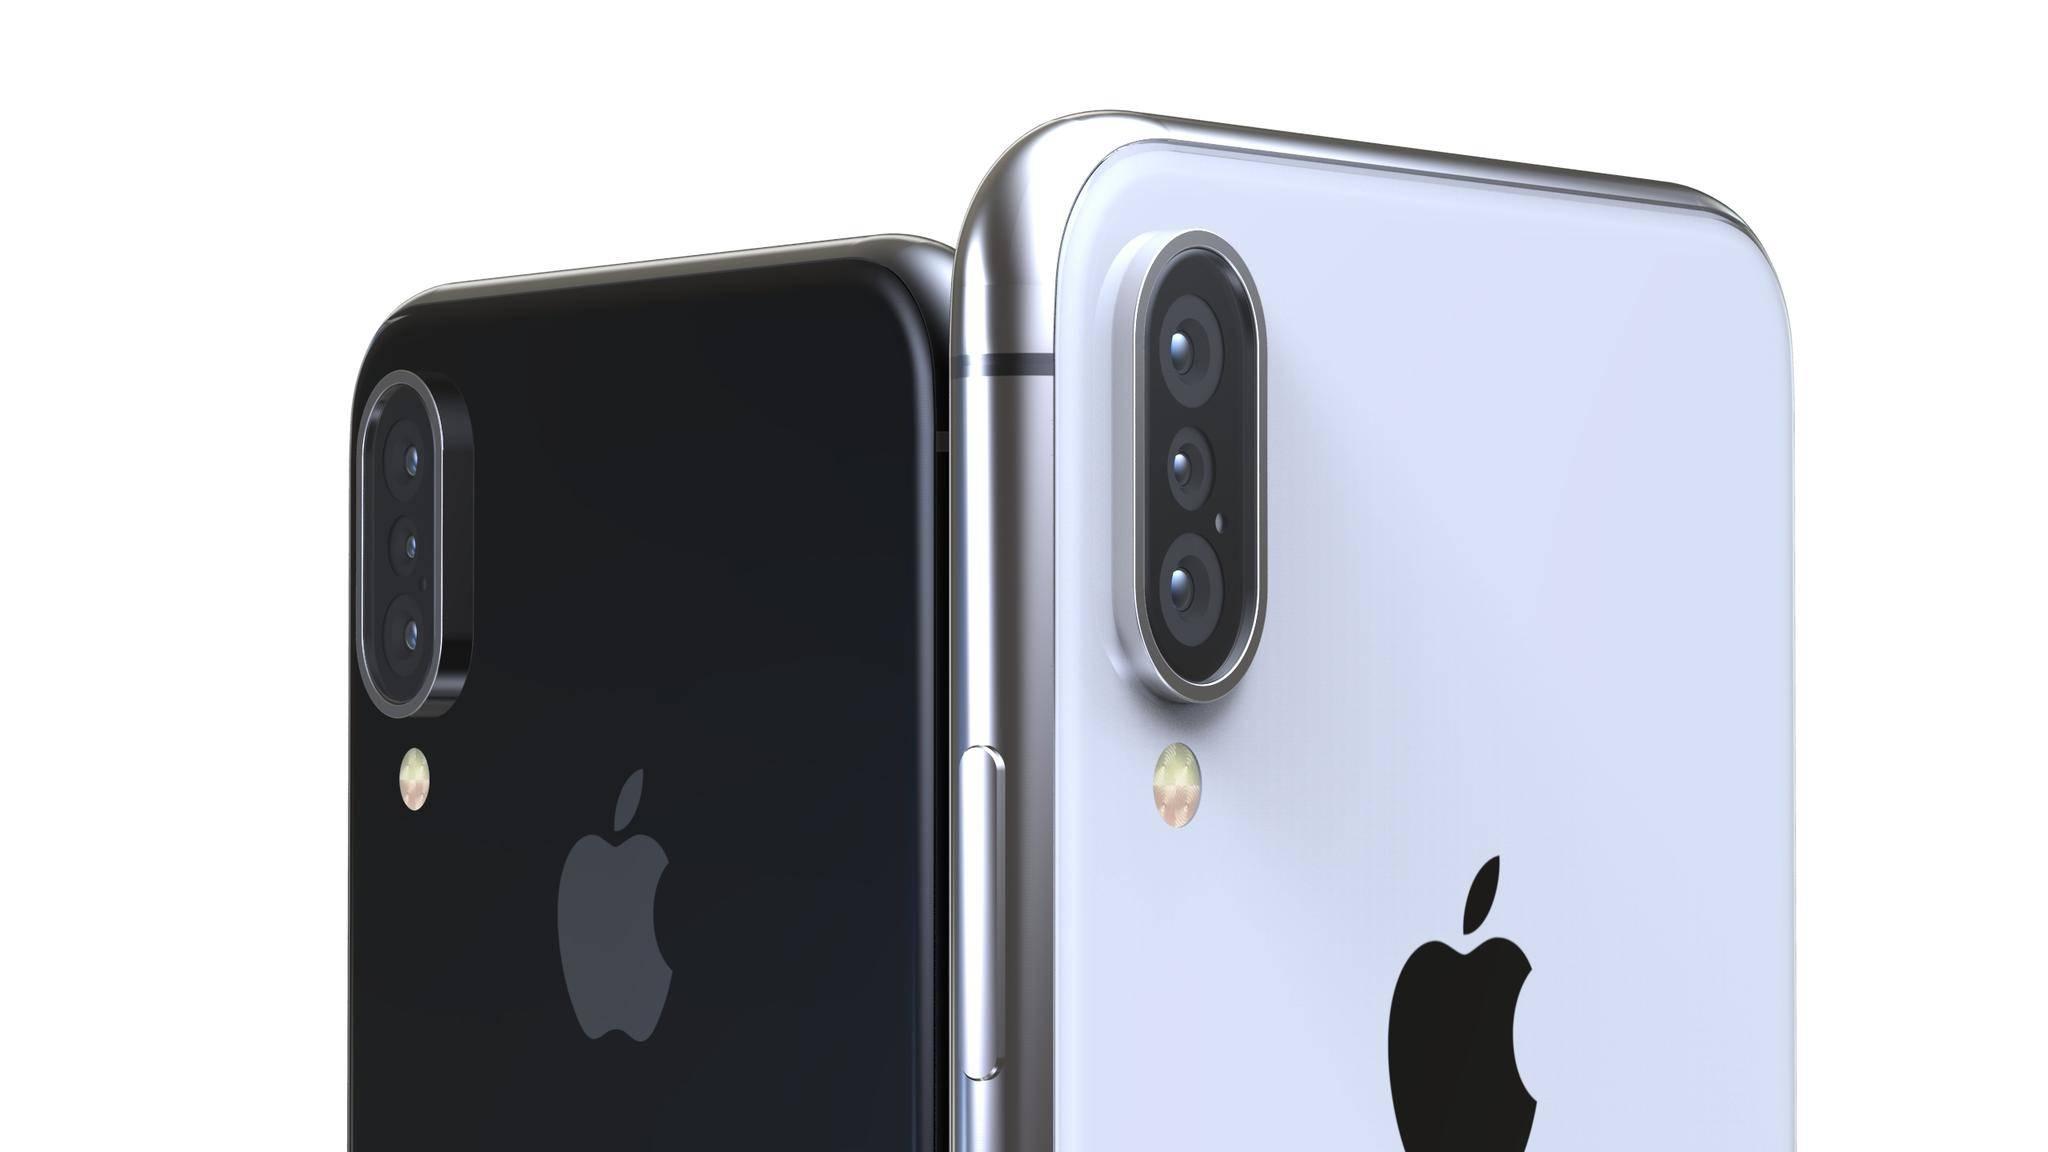 Ein iPhone X (2018) mit Triple-Kamera wie in diesem Konzept bleibt wohl vorerst eine Wunschvorstellung.